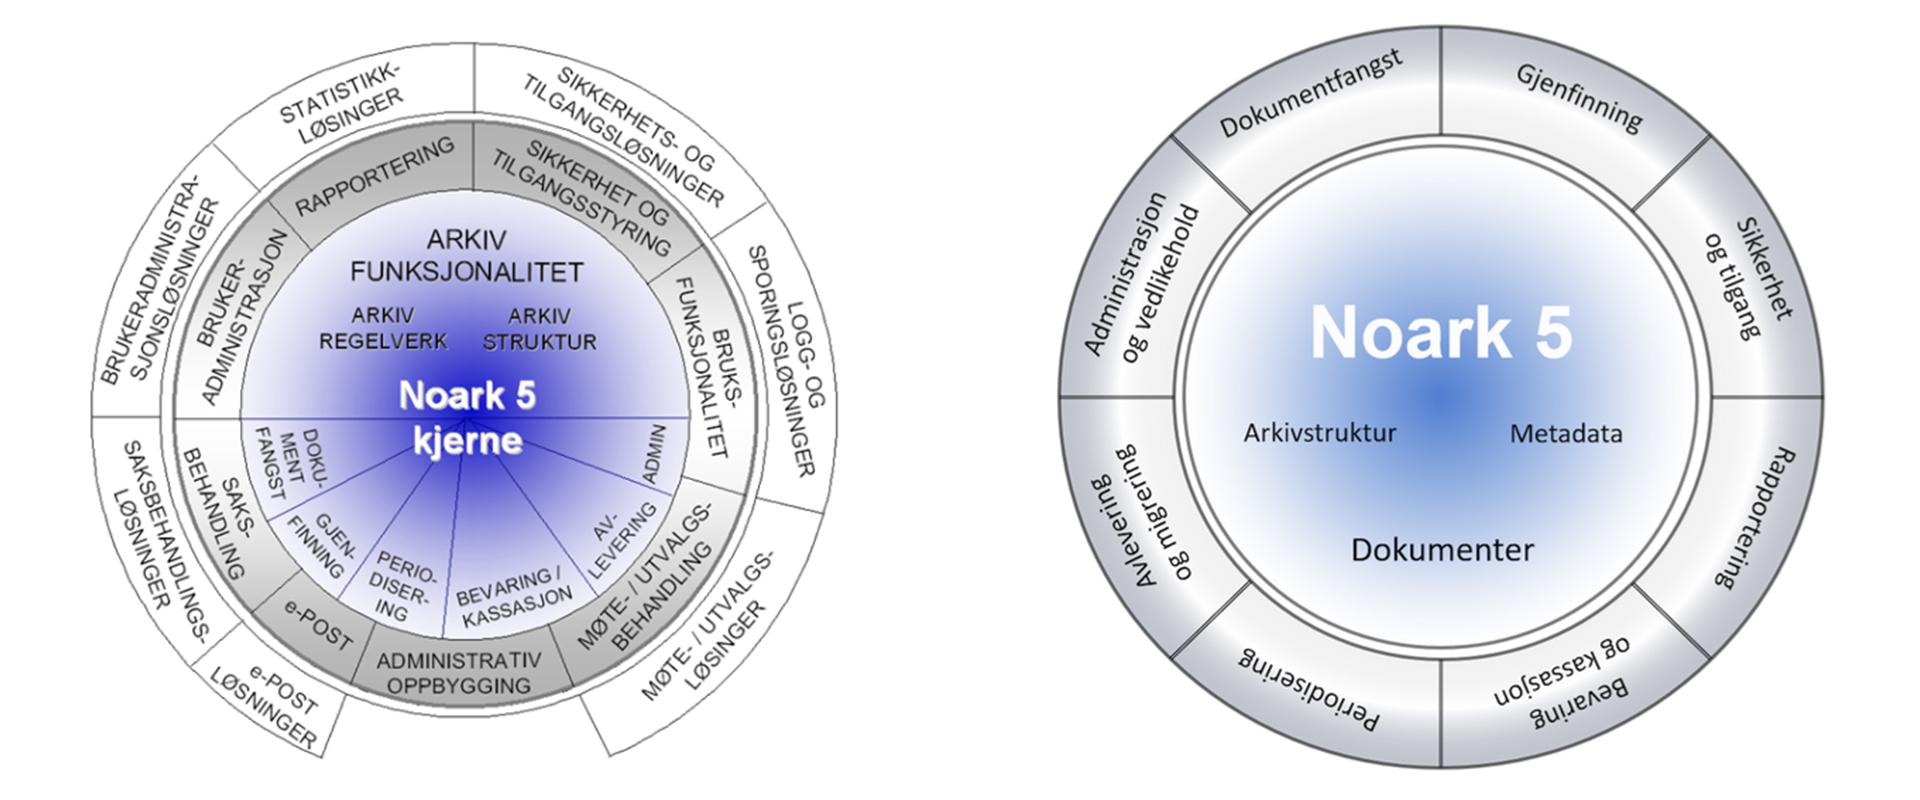 Et viktig steg i riktig retning for Noark standarden